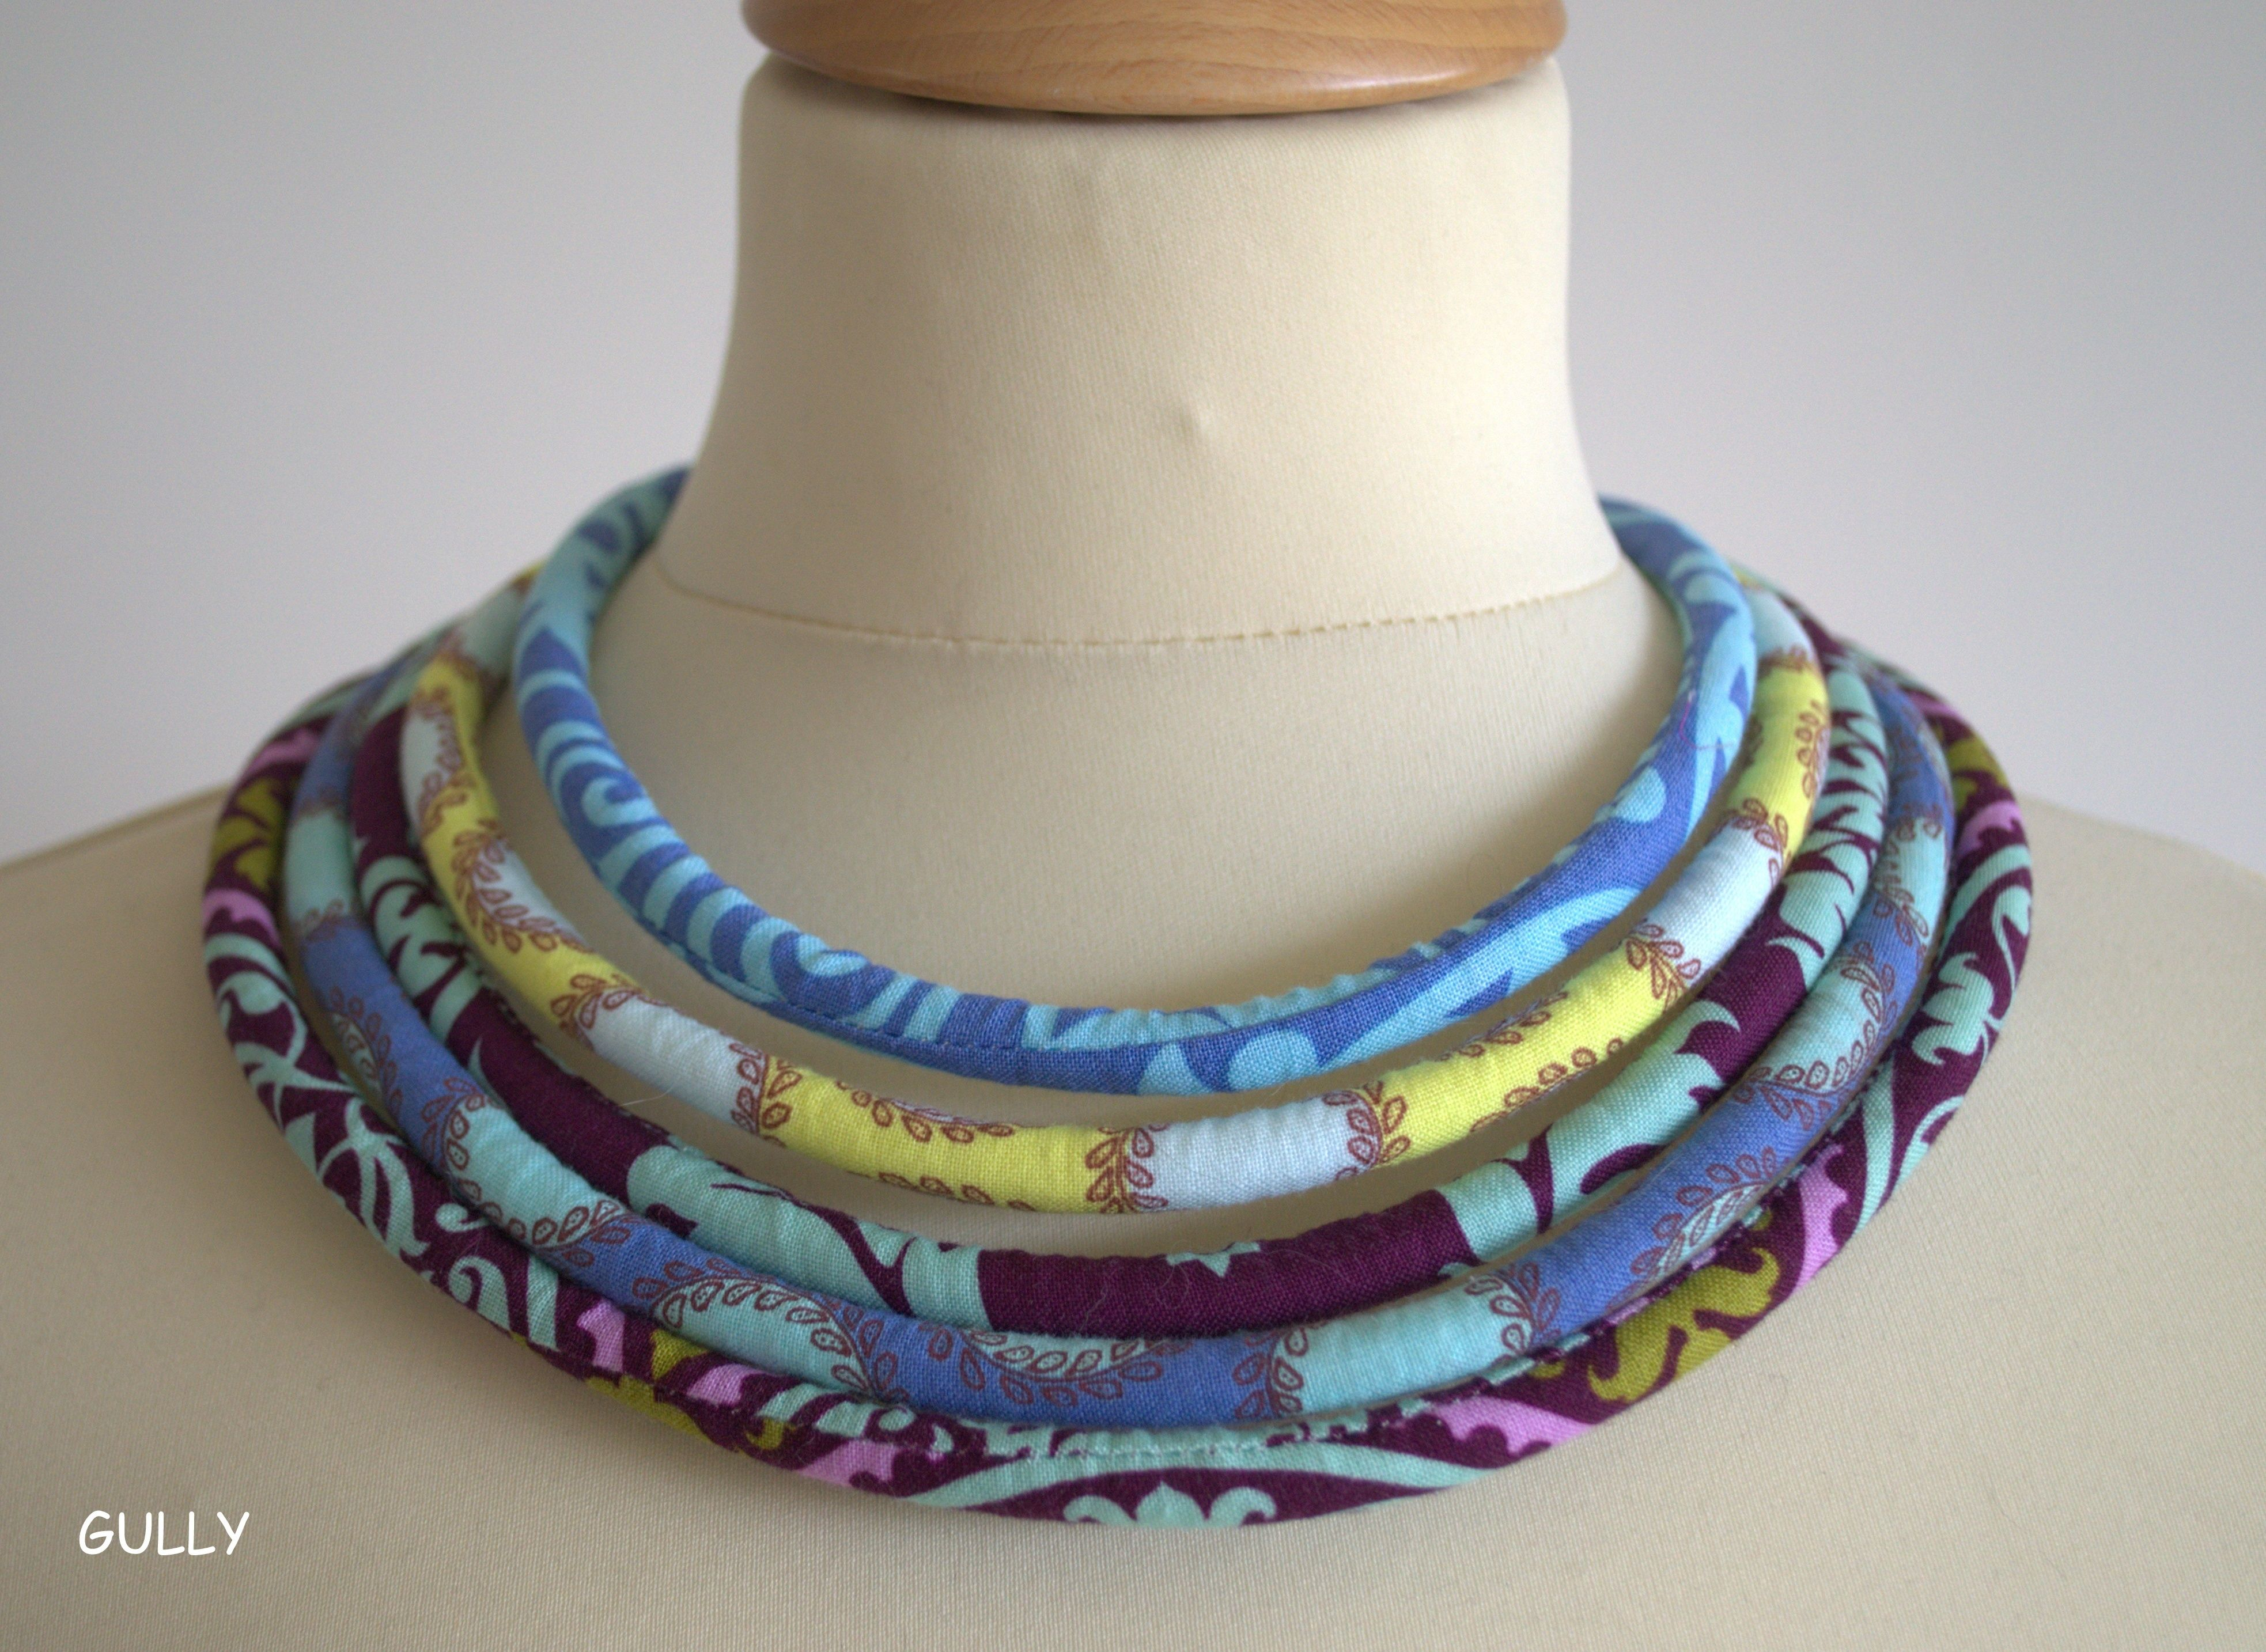 collier tissus liberty ras de cou 5 tours mod le unique fait main par gully bijoux textiles. Black Bedroom Furniture Sets. Home Design Ideas